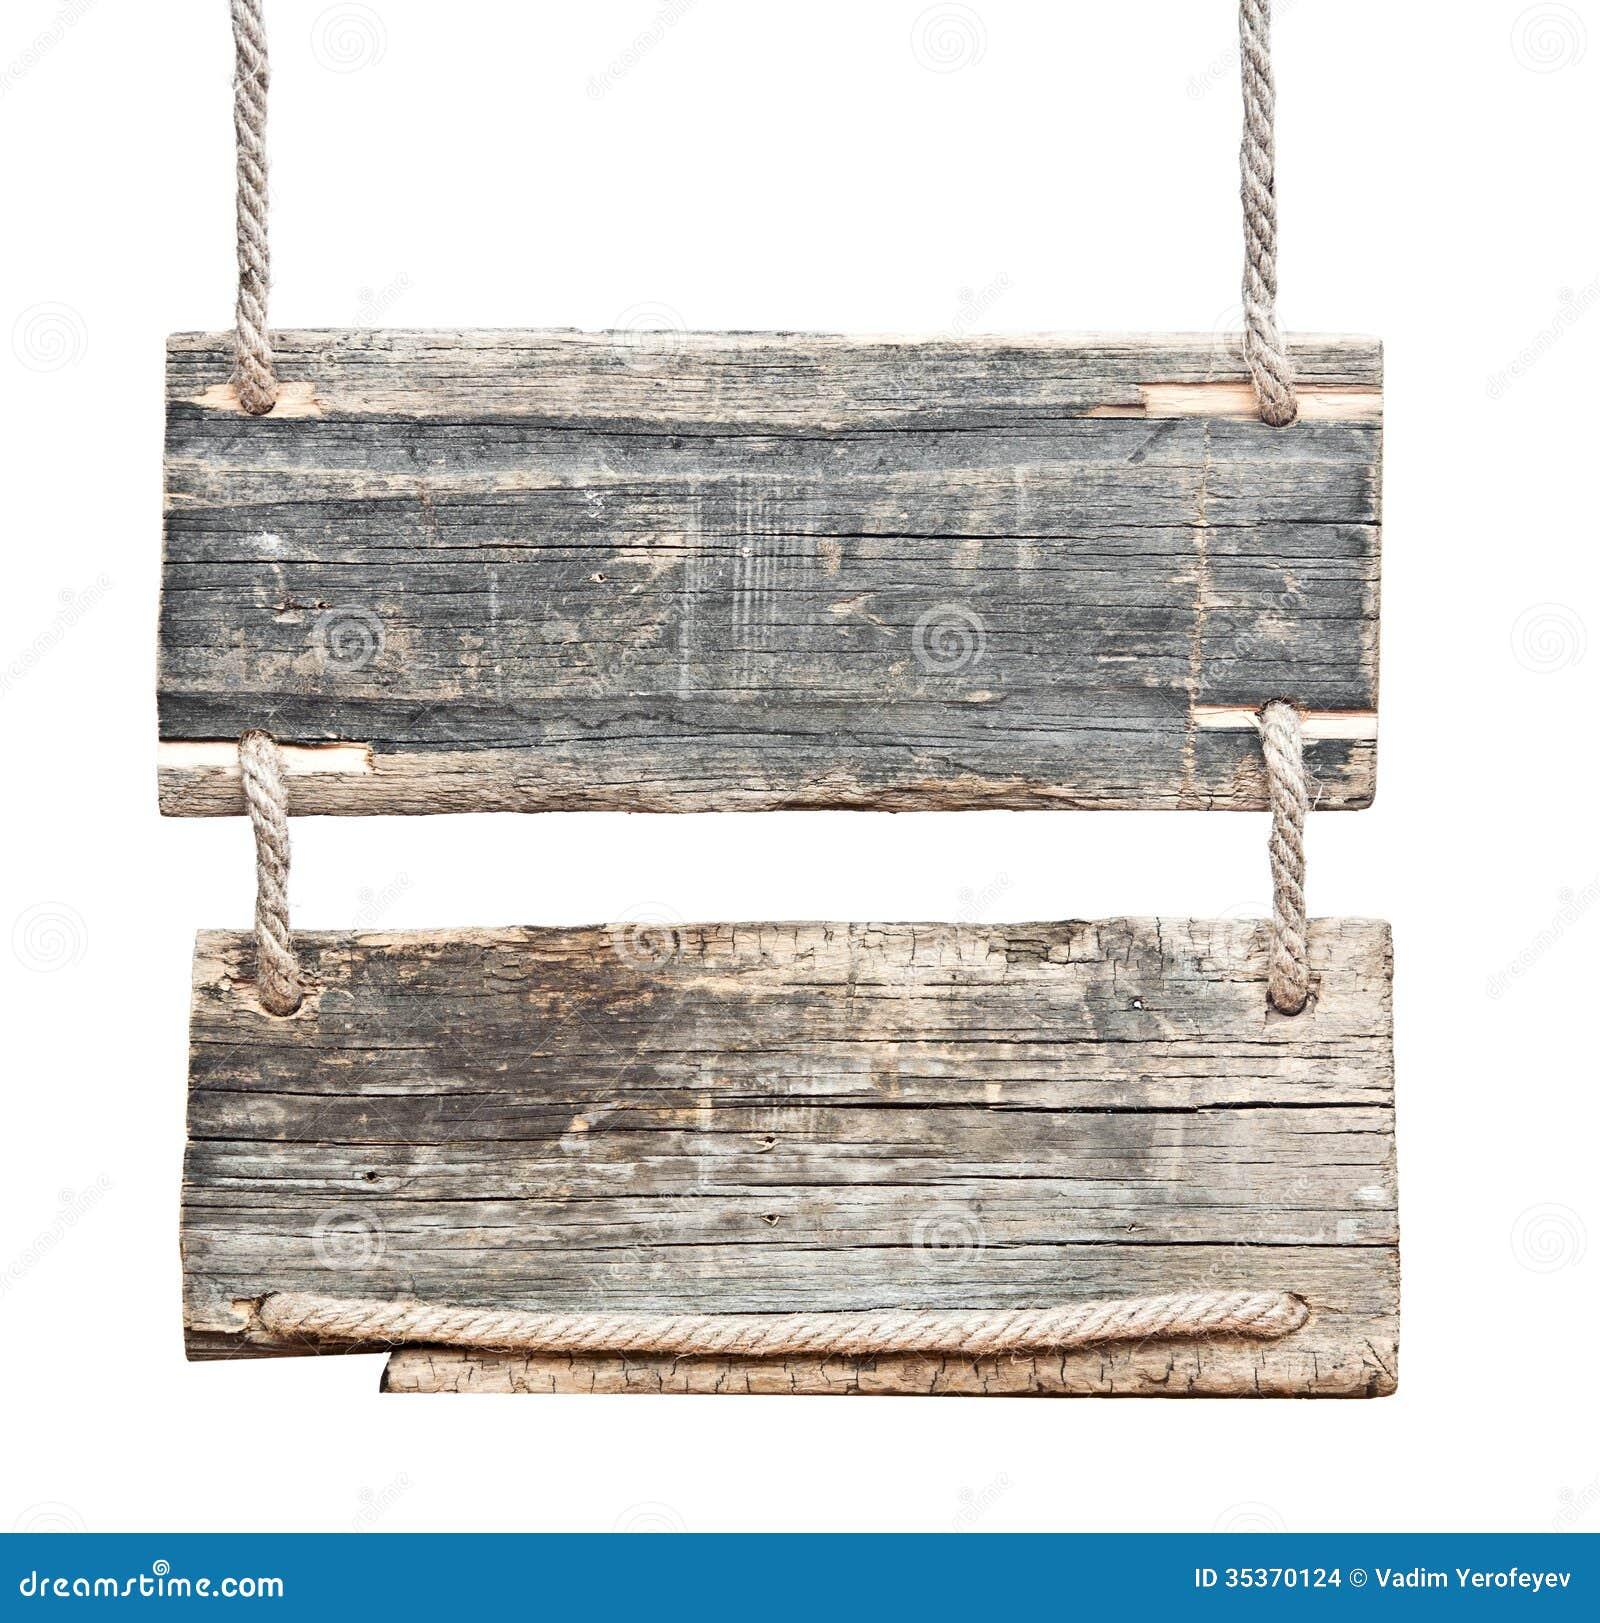 blank wooden sign stock images image 35370124. Black Bedroom Furniture Sets. Home Design Ideas